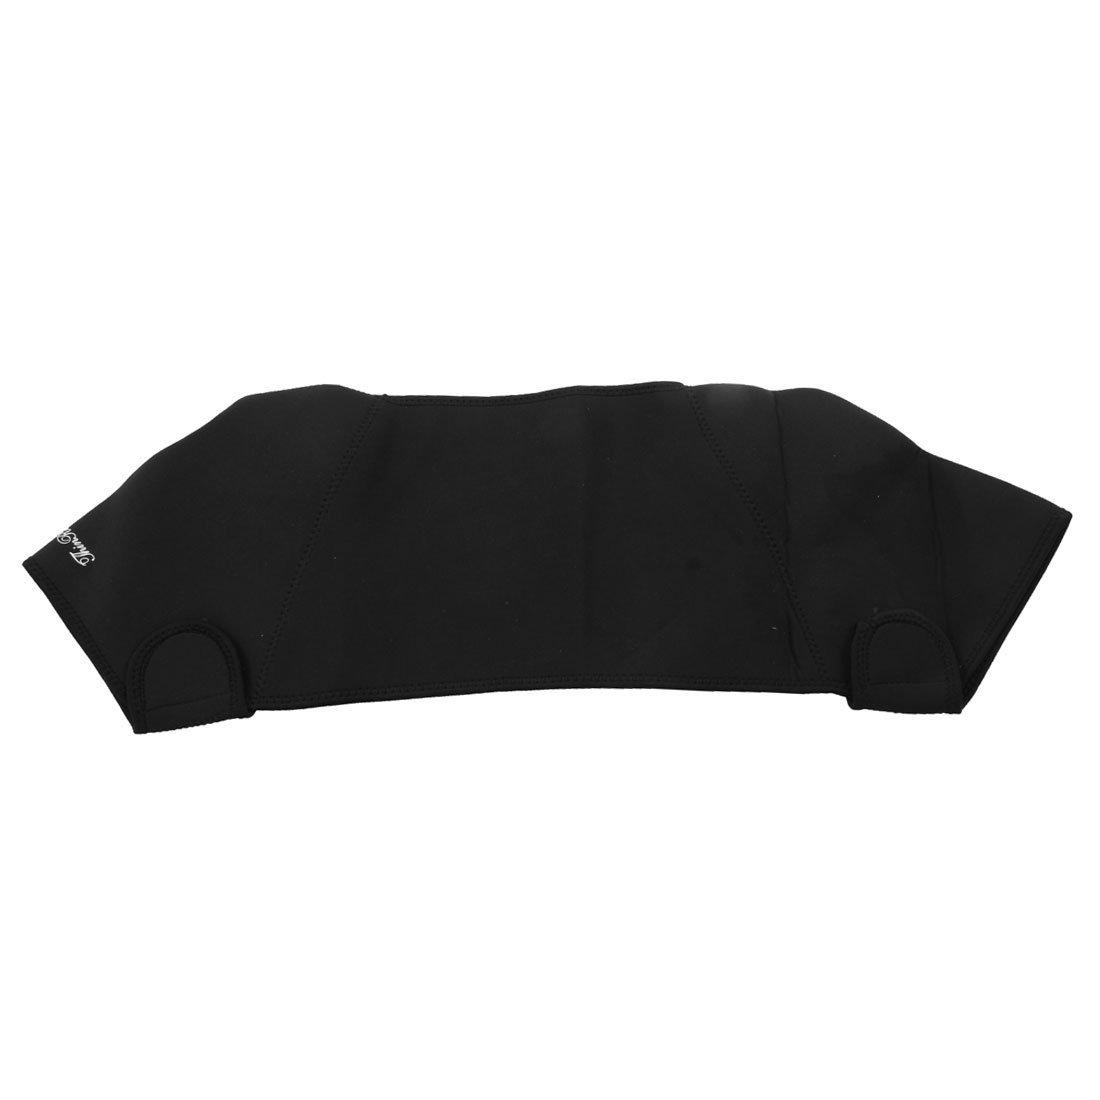 Amazon.com: eDealMax neopreno Hombres Deportivo Ajustable soporte Para Doble del hombro del Abrigo del Protector Brace Negro: Health & Personal Care